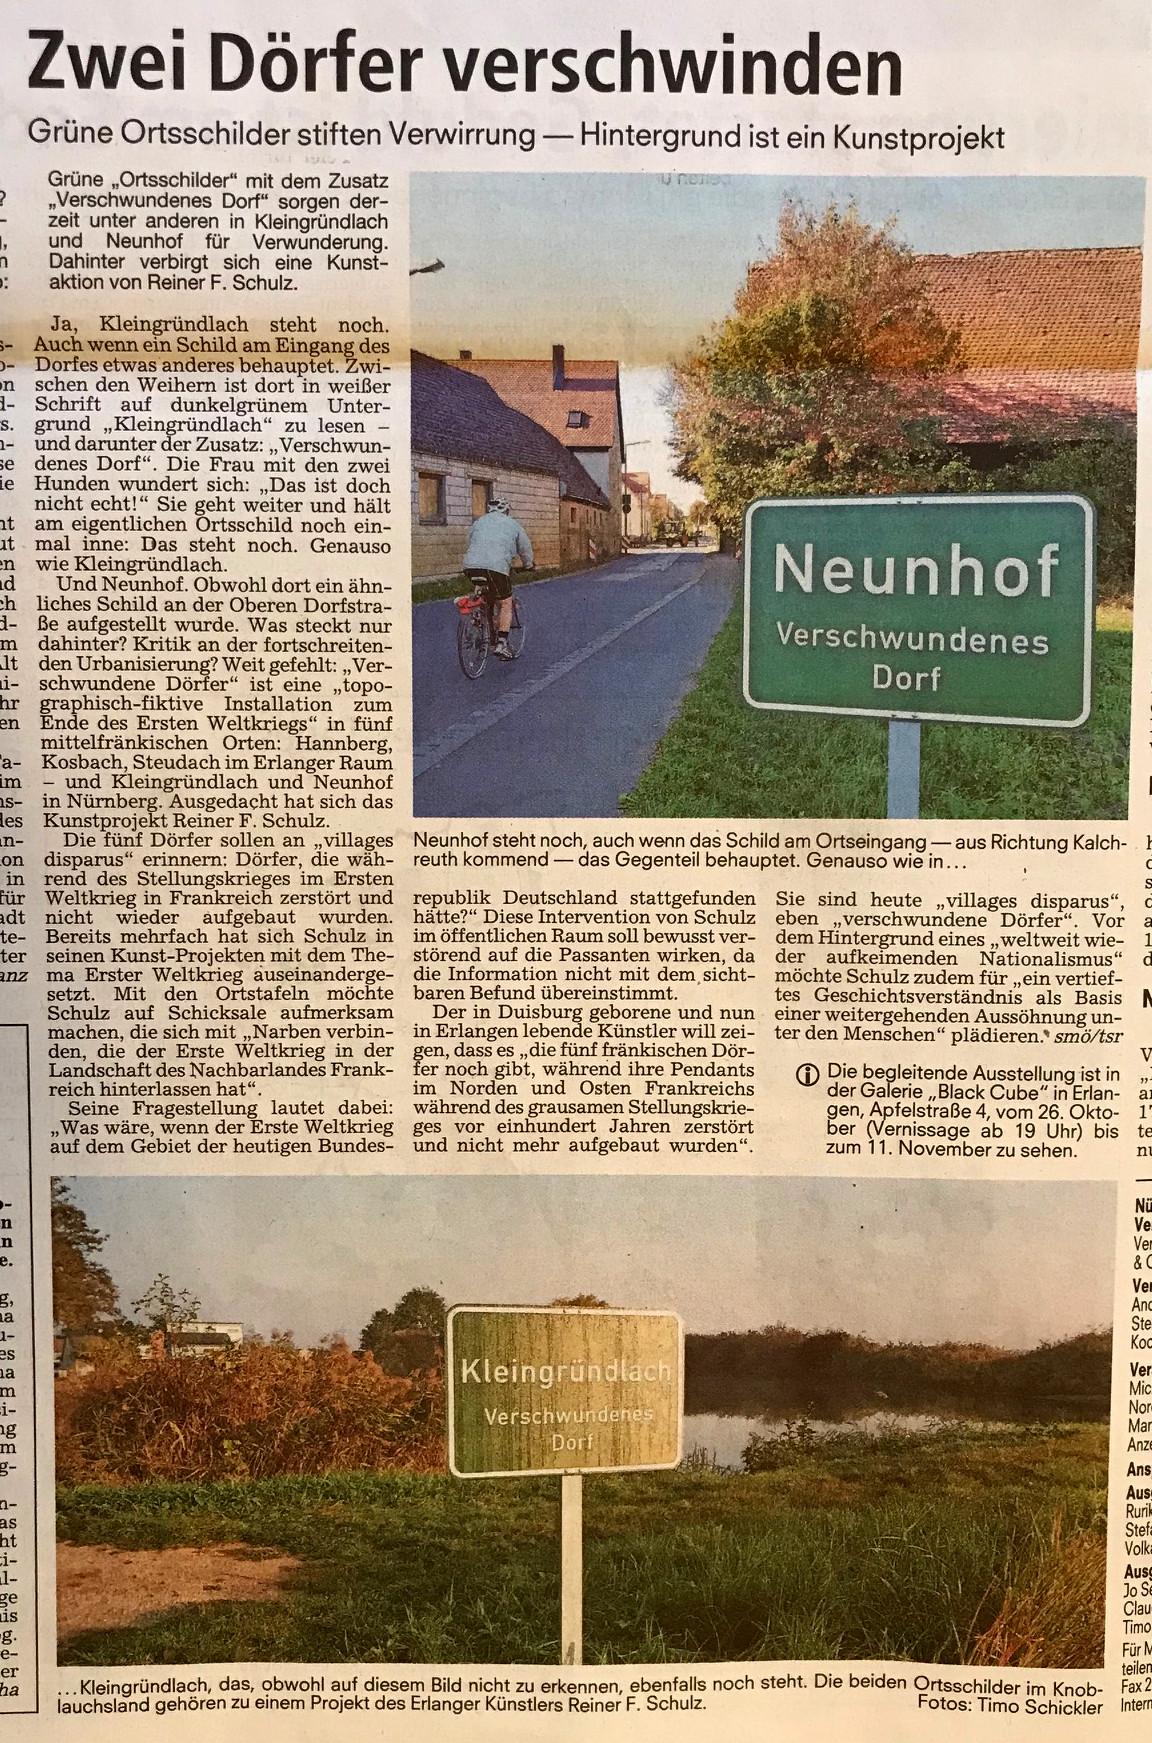 Verschwundene Dörfer, Reiner F. Schulz, Nürnberger Nachrichten vom 12.10.2018